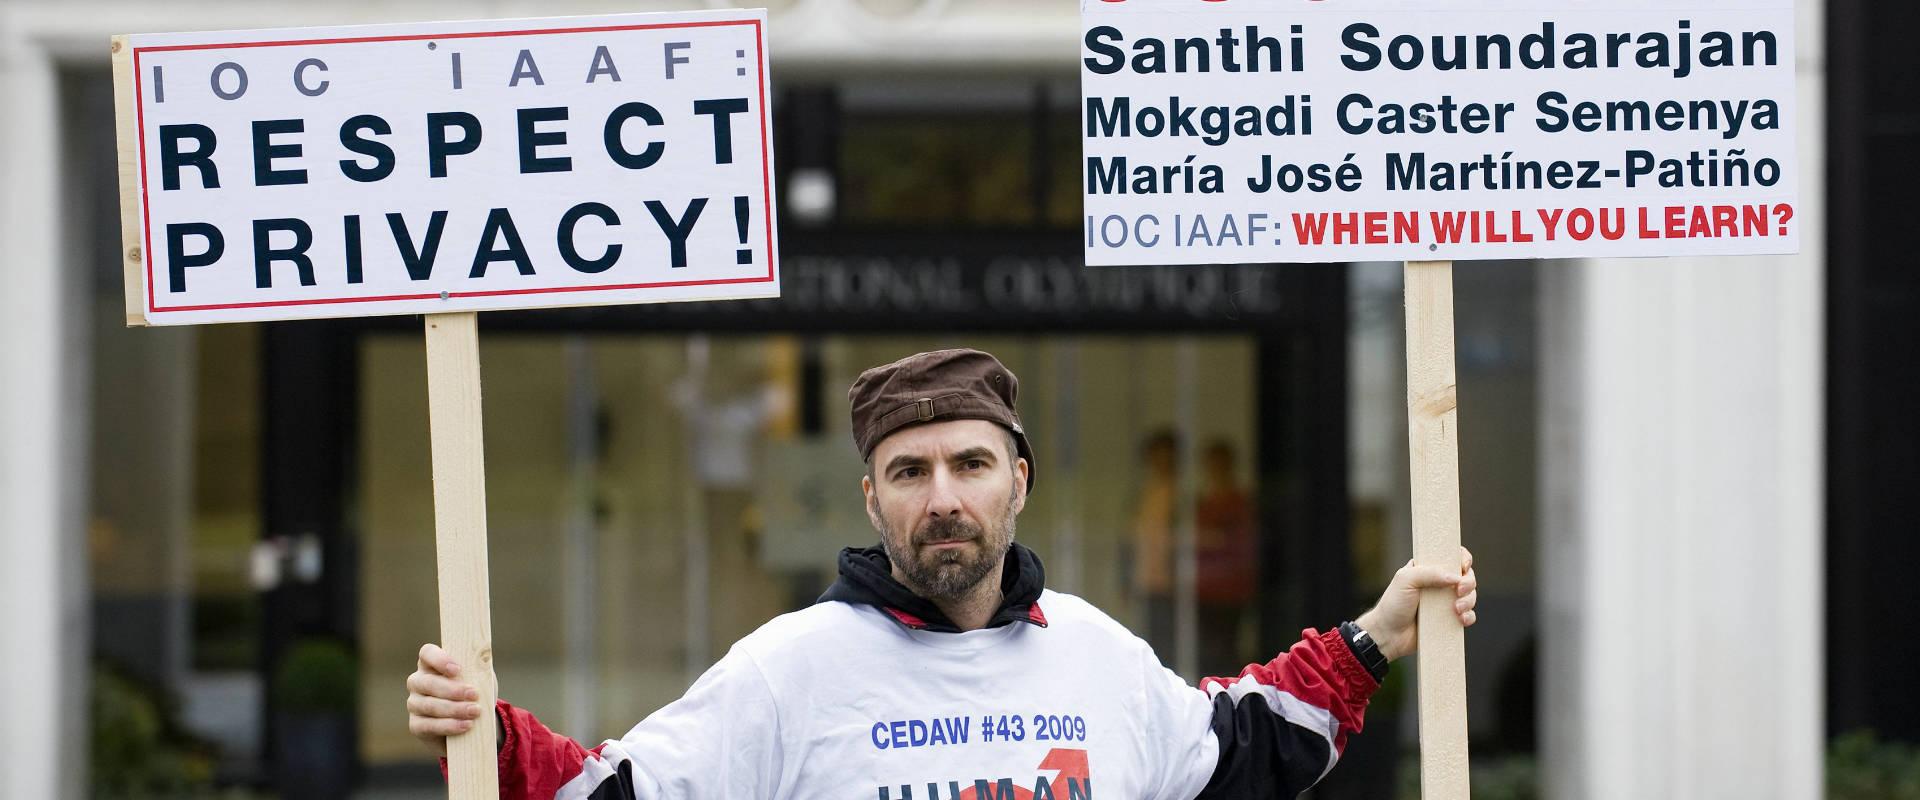 """הפגנה לקידום זכויות להט""""ב בשוויץ (ארכיון)"""